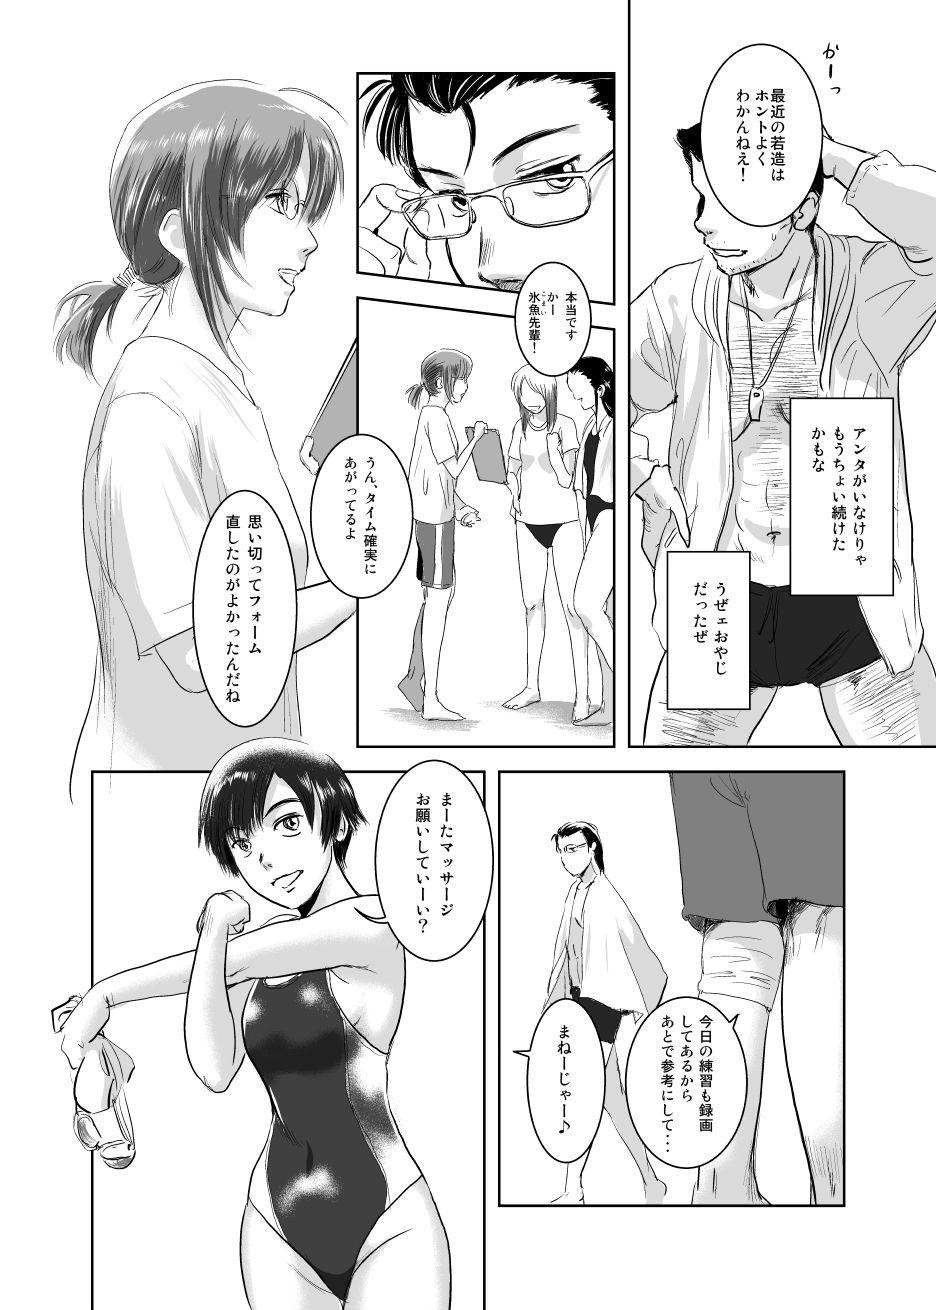 陸魚-2 チンポに恋した競泳水着っ娘のセックスライフがこちら♪【エロ漫画:陸魚:ましら堂】